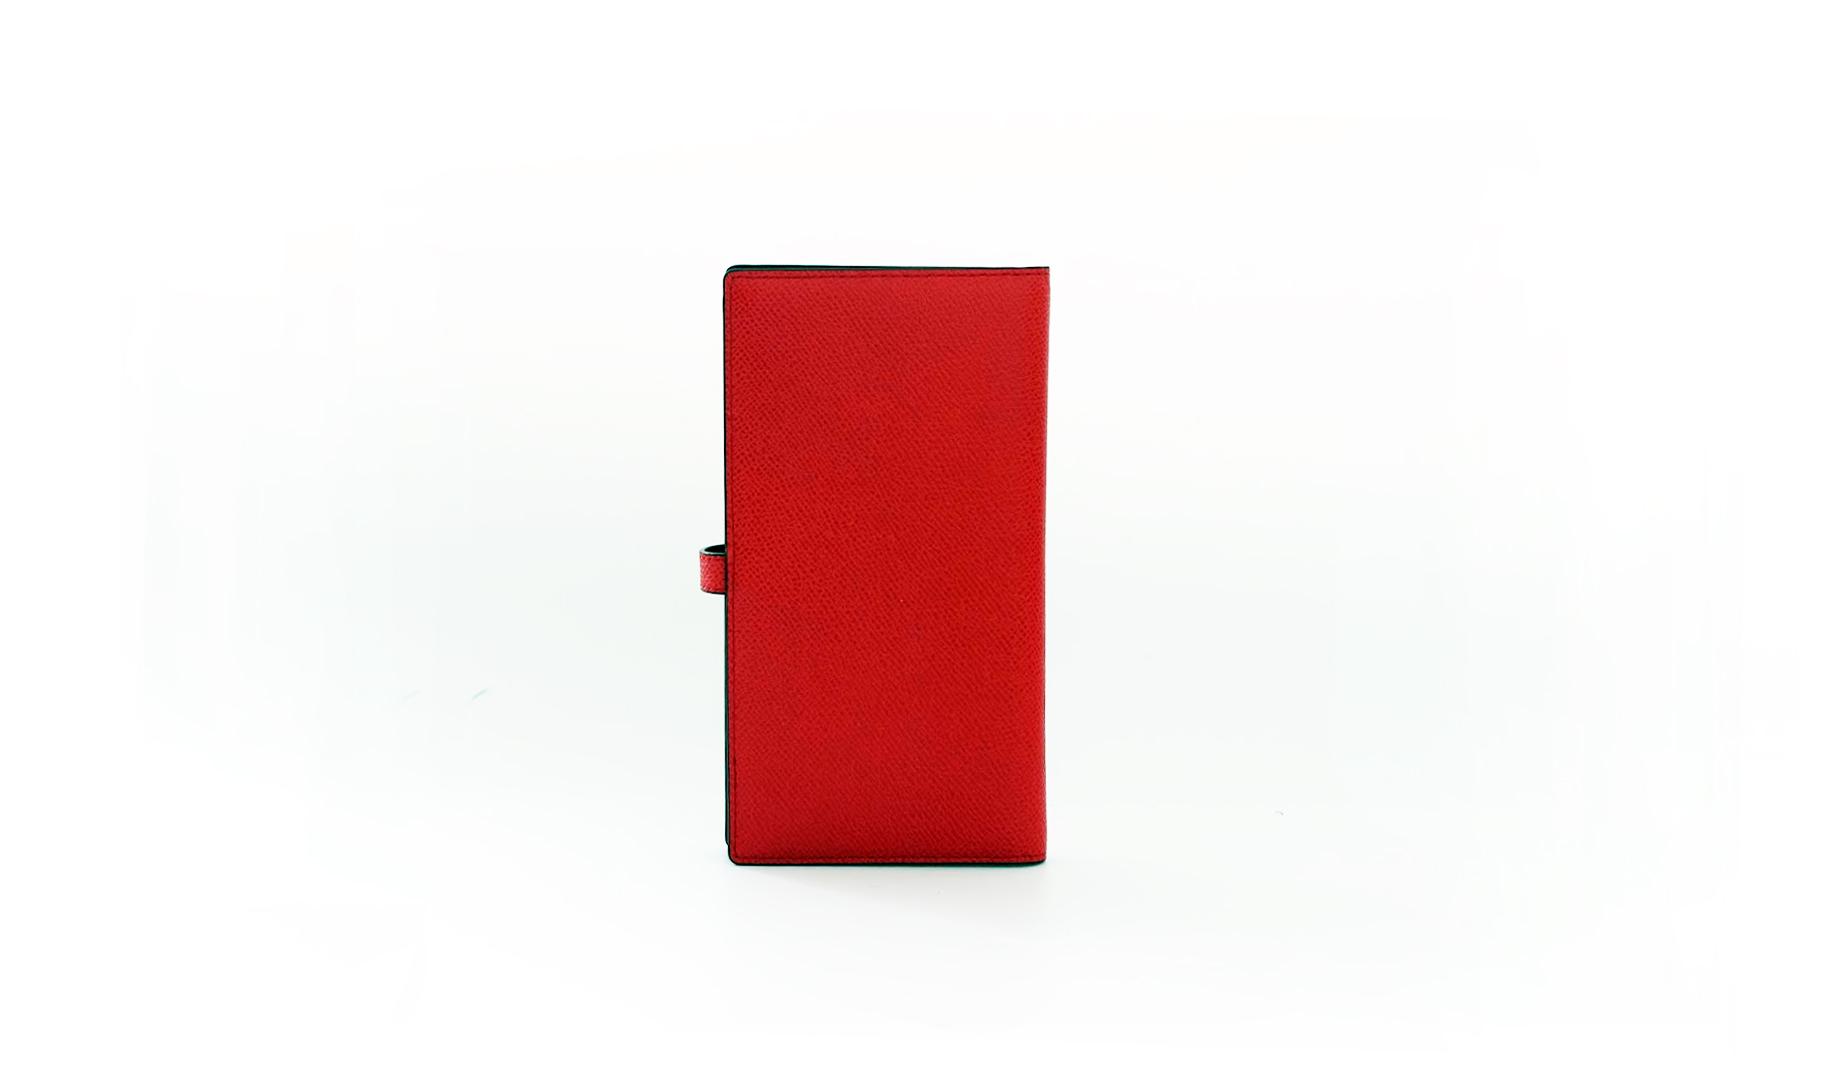 [#S4] Red-orange calf